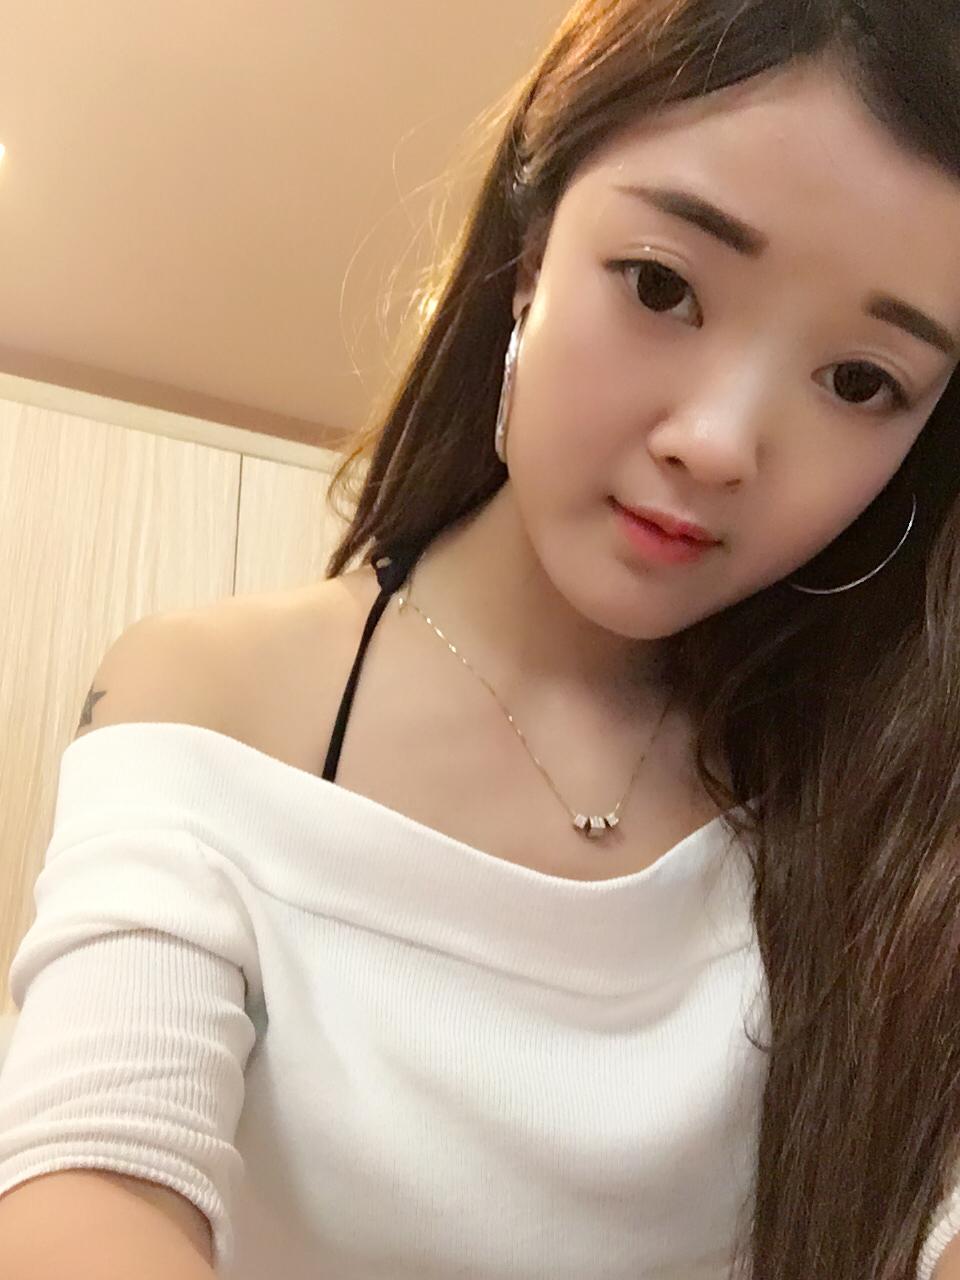 533863宁青青